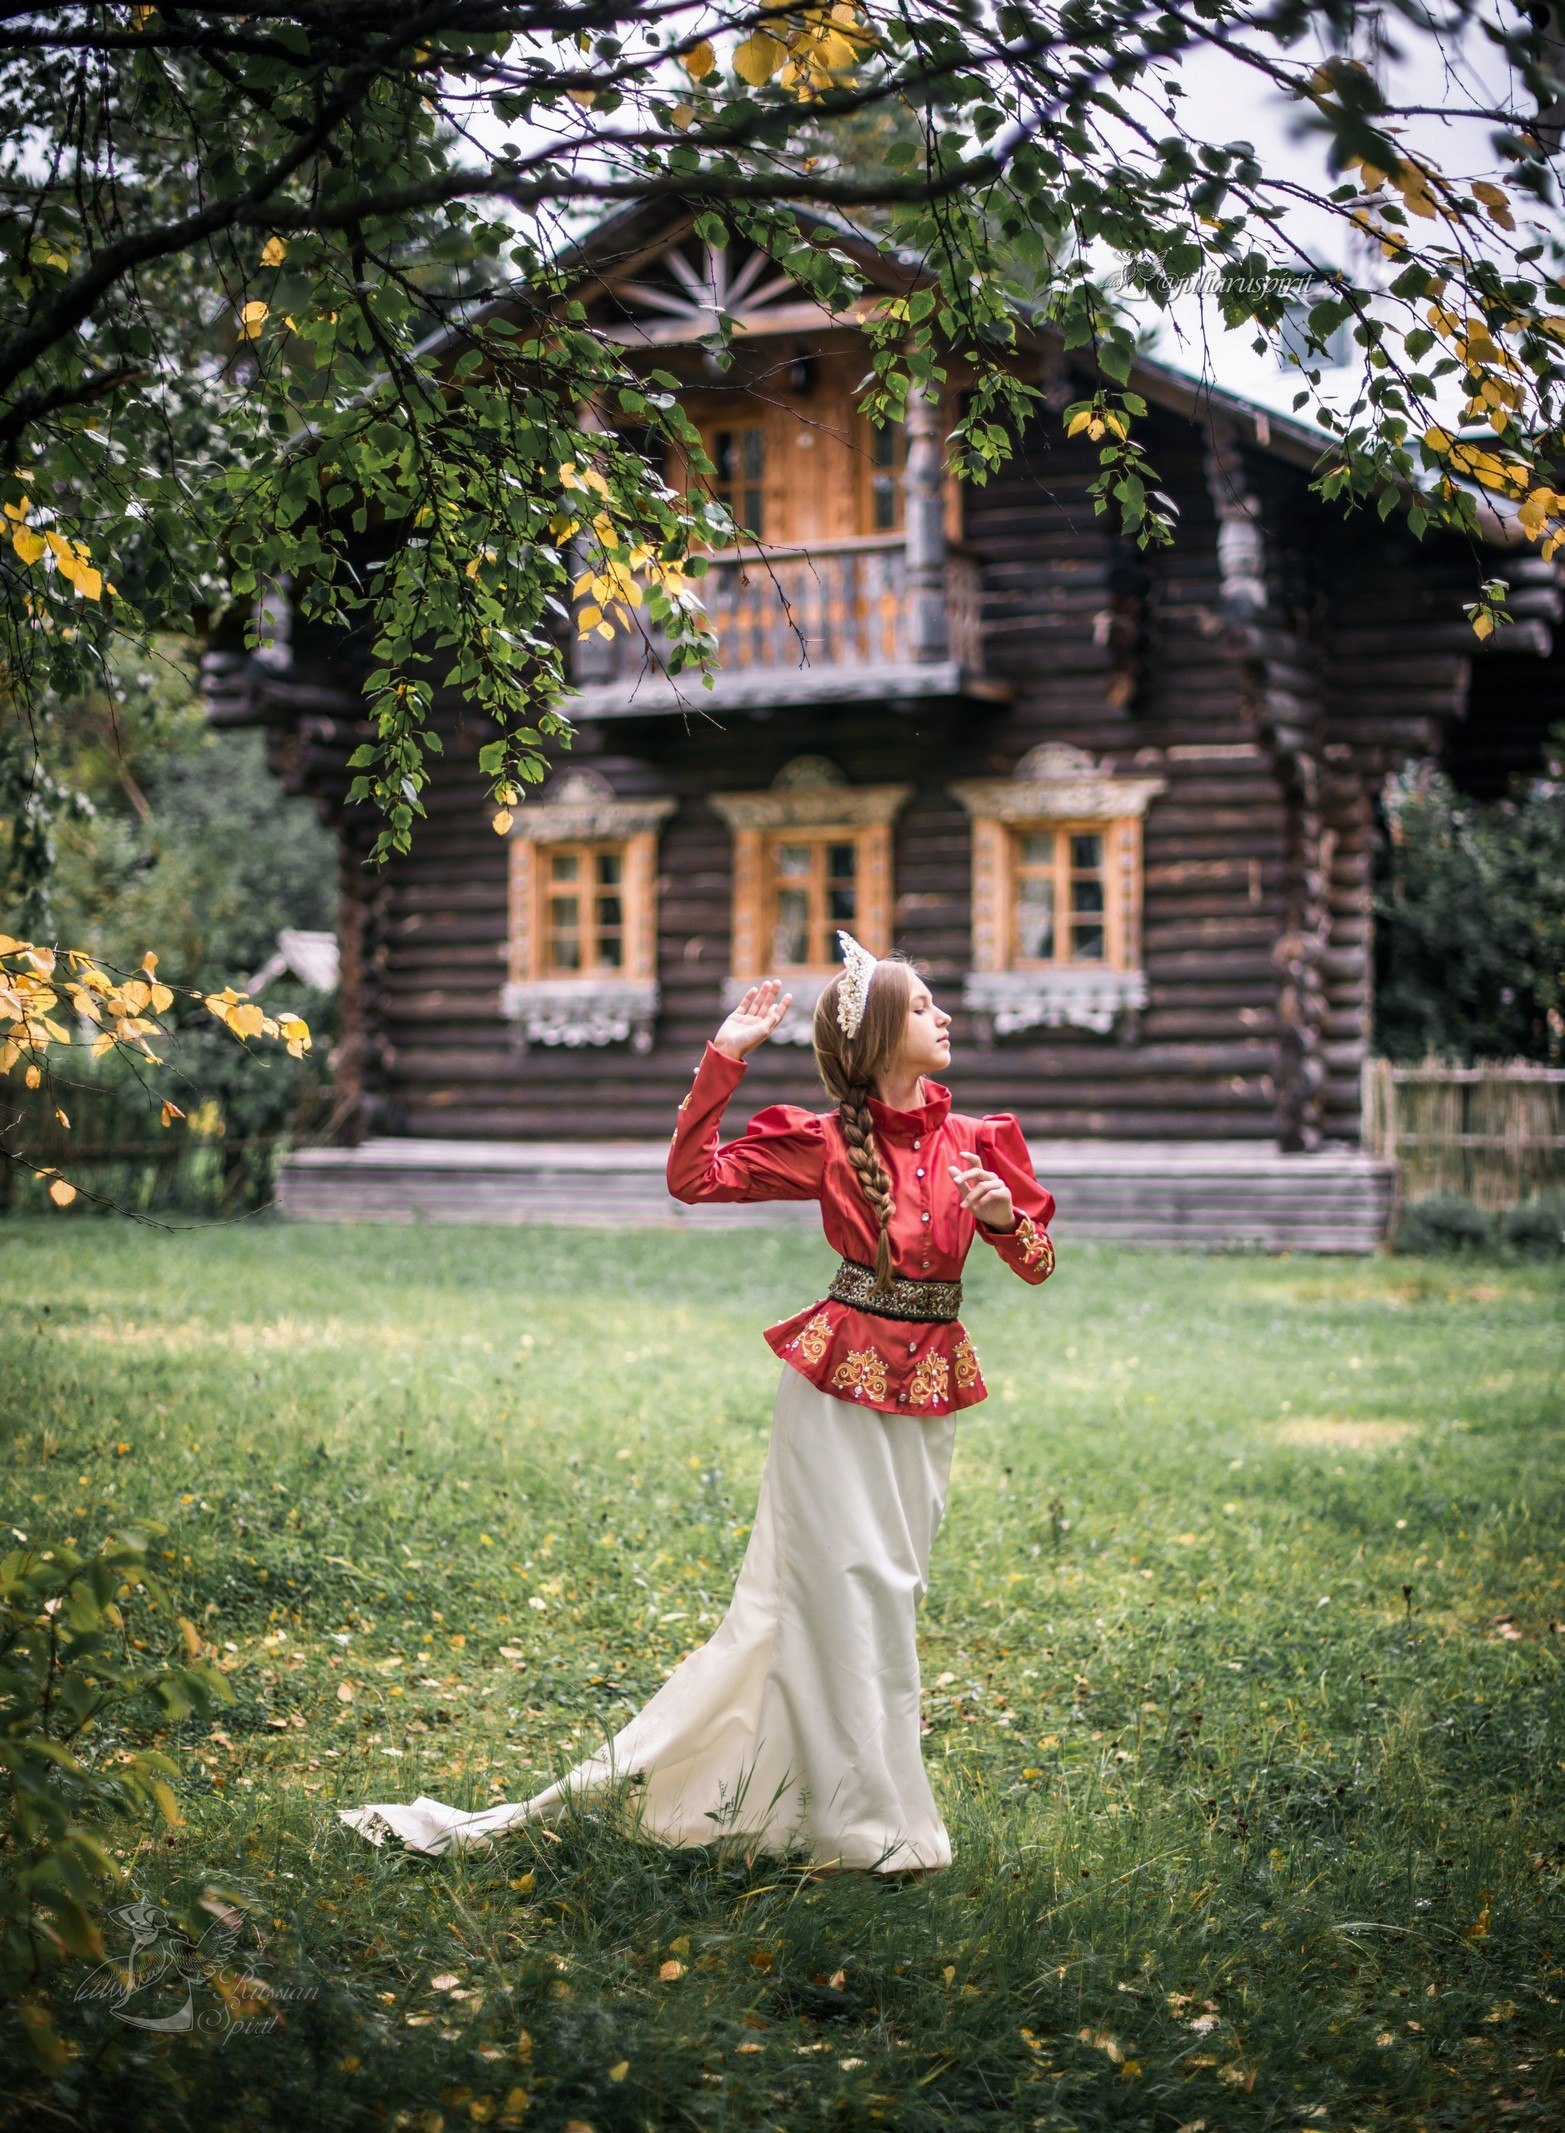 Девушка в жакете и юбке со шлейфом на фотосессии на фоне терема